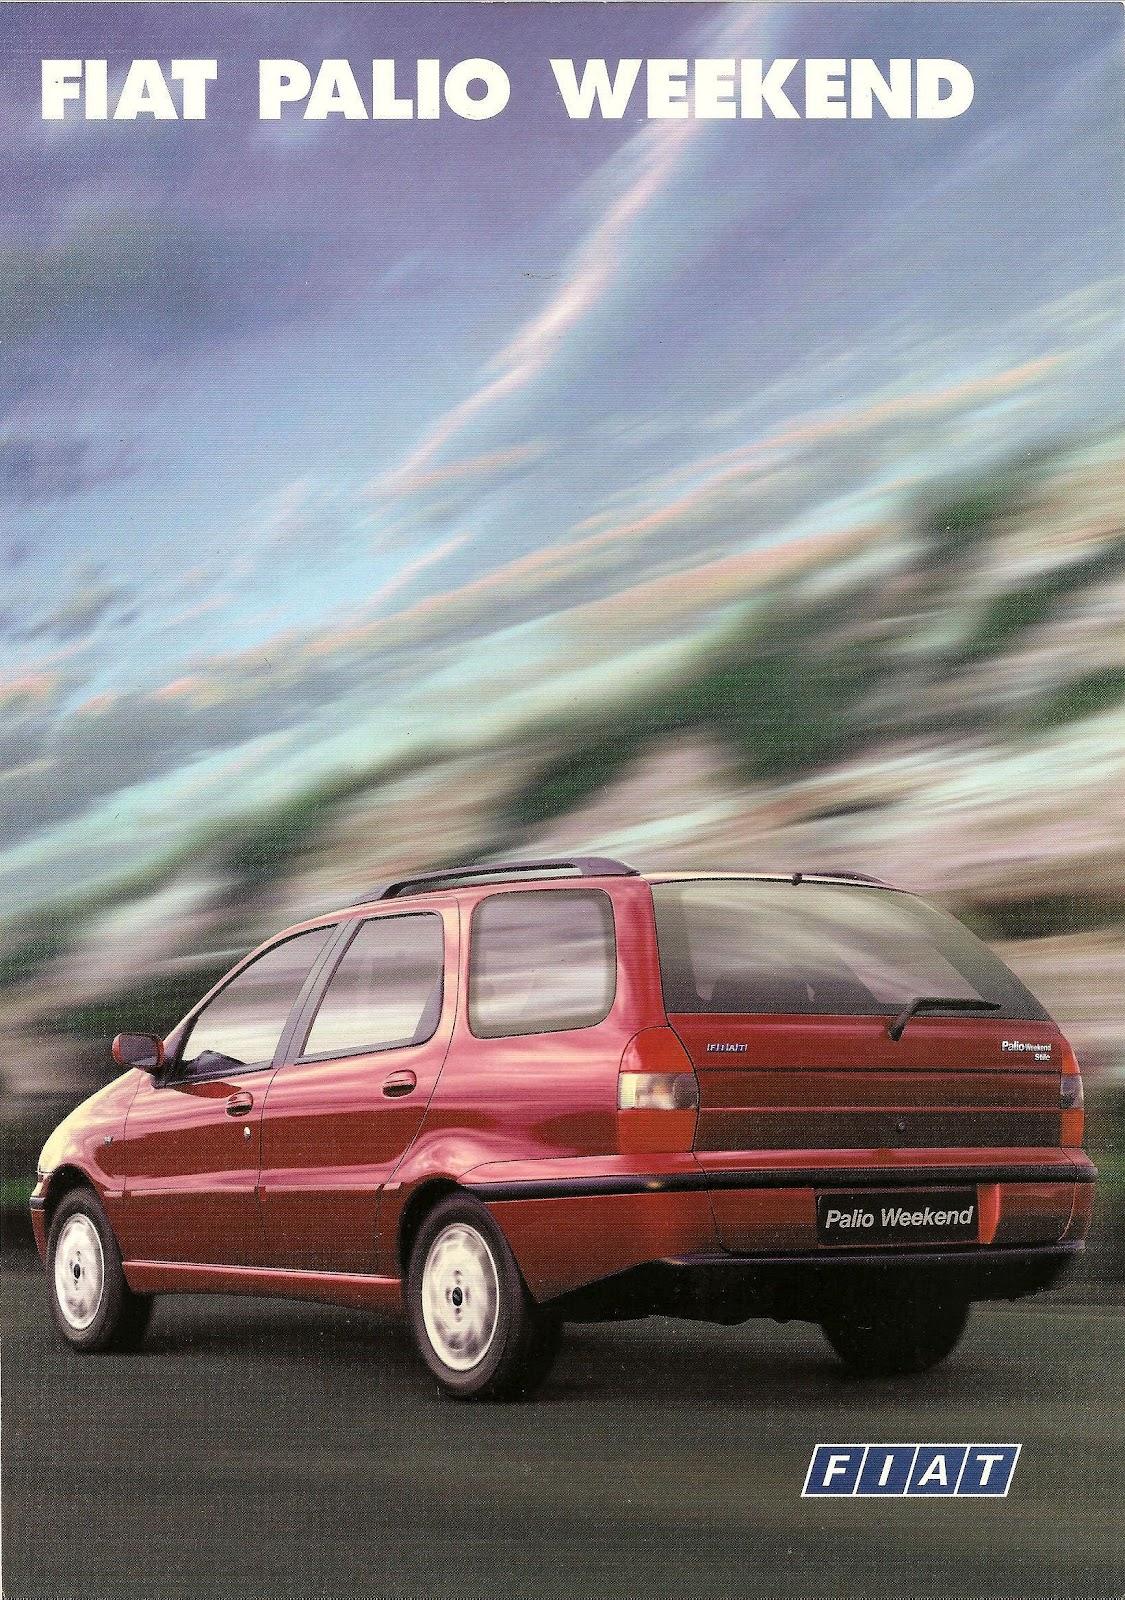 1999-Fiat-Palio-Weekend-Brazil-01.jpg